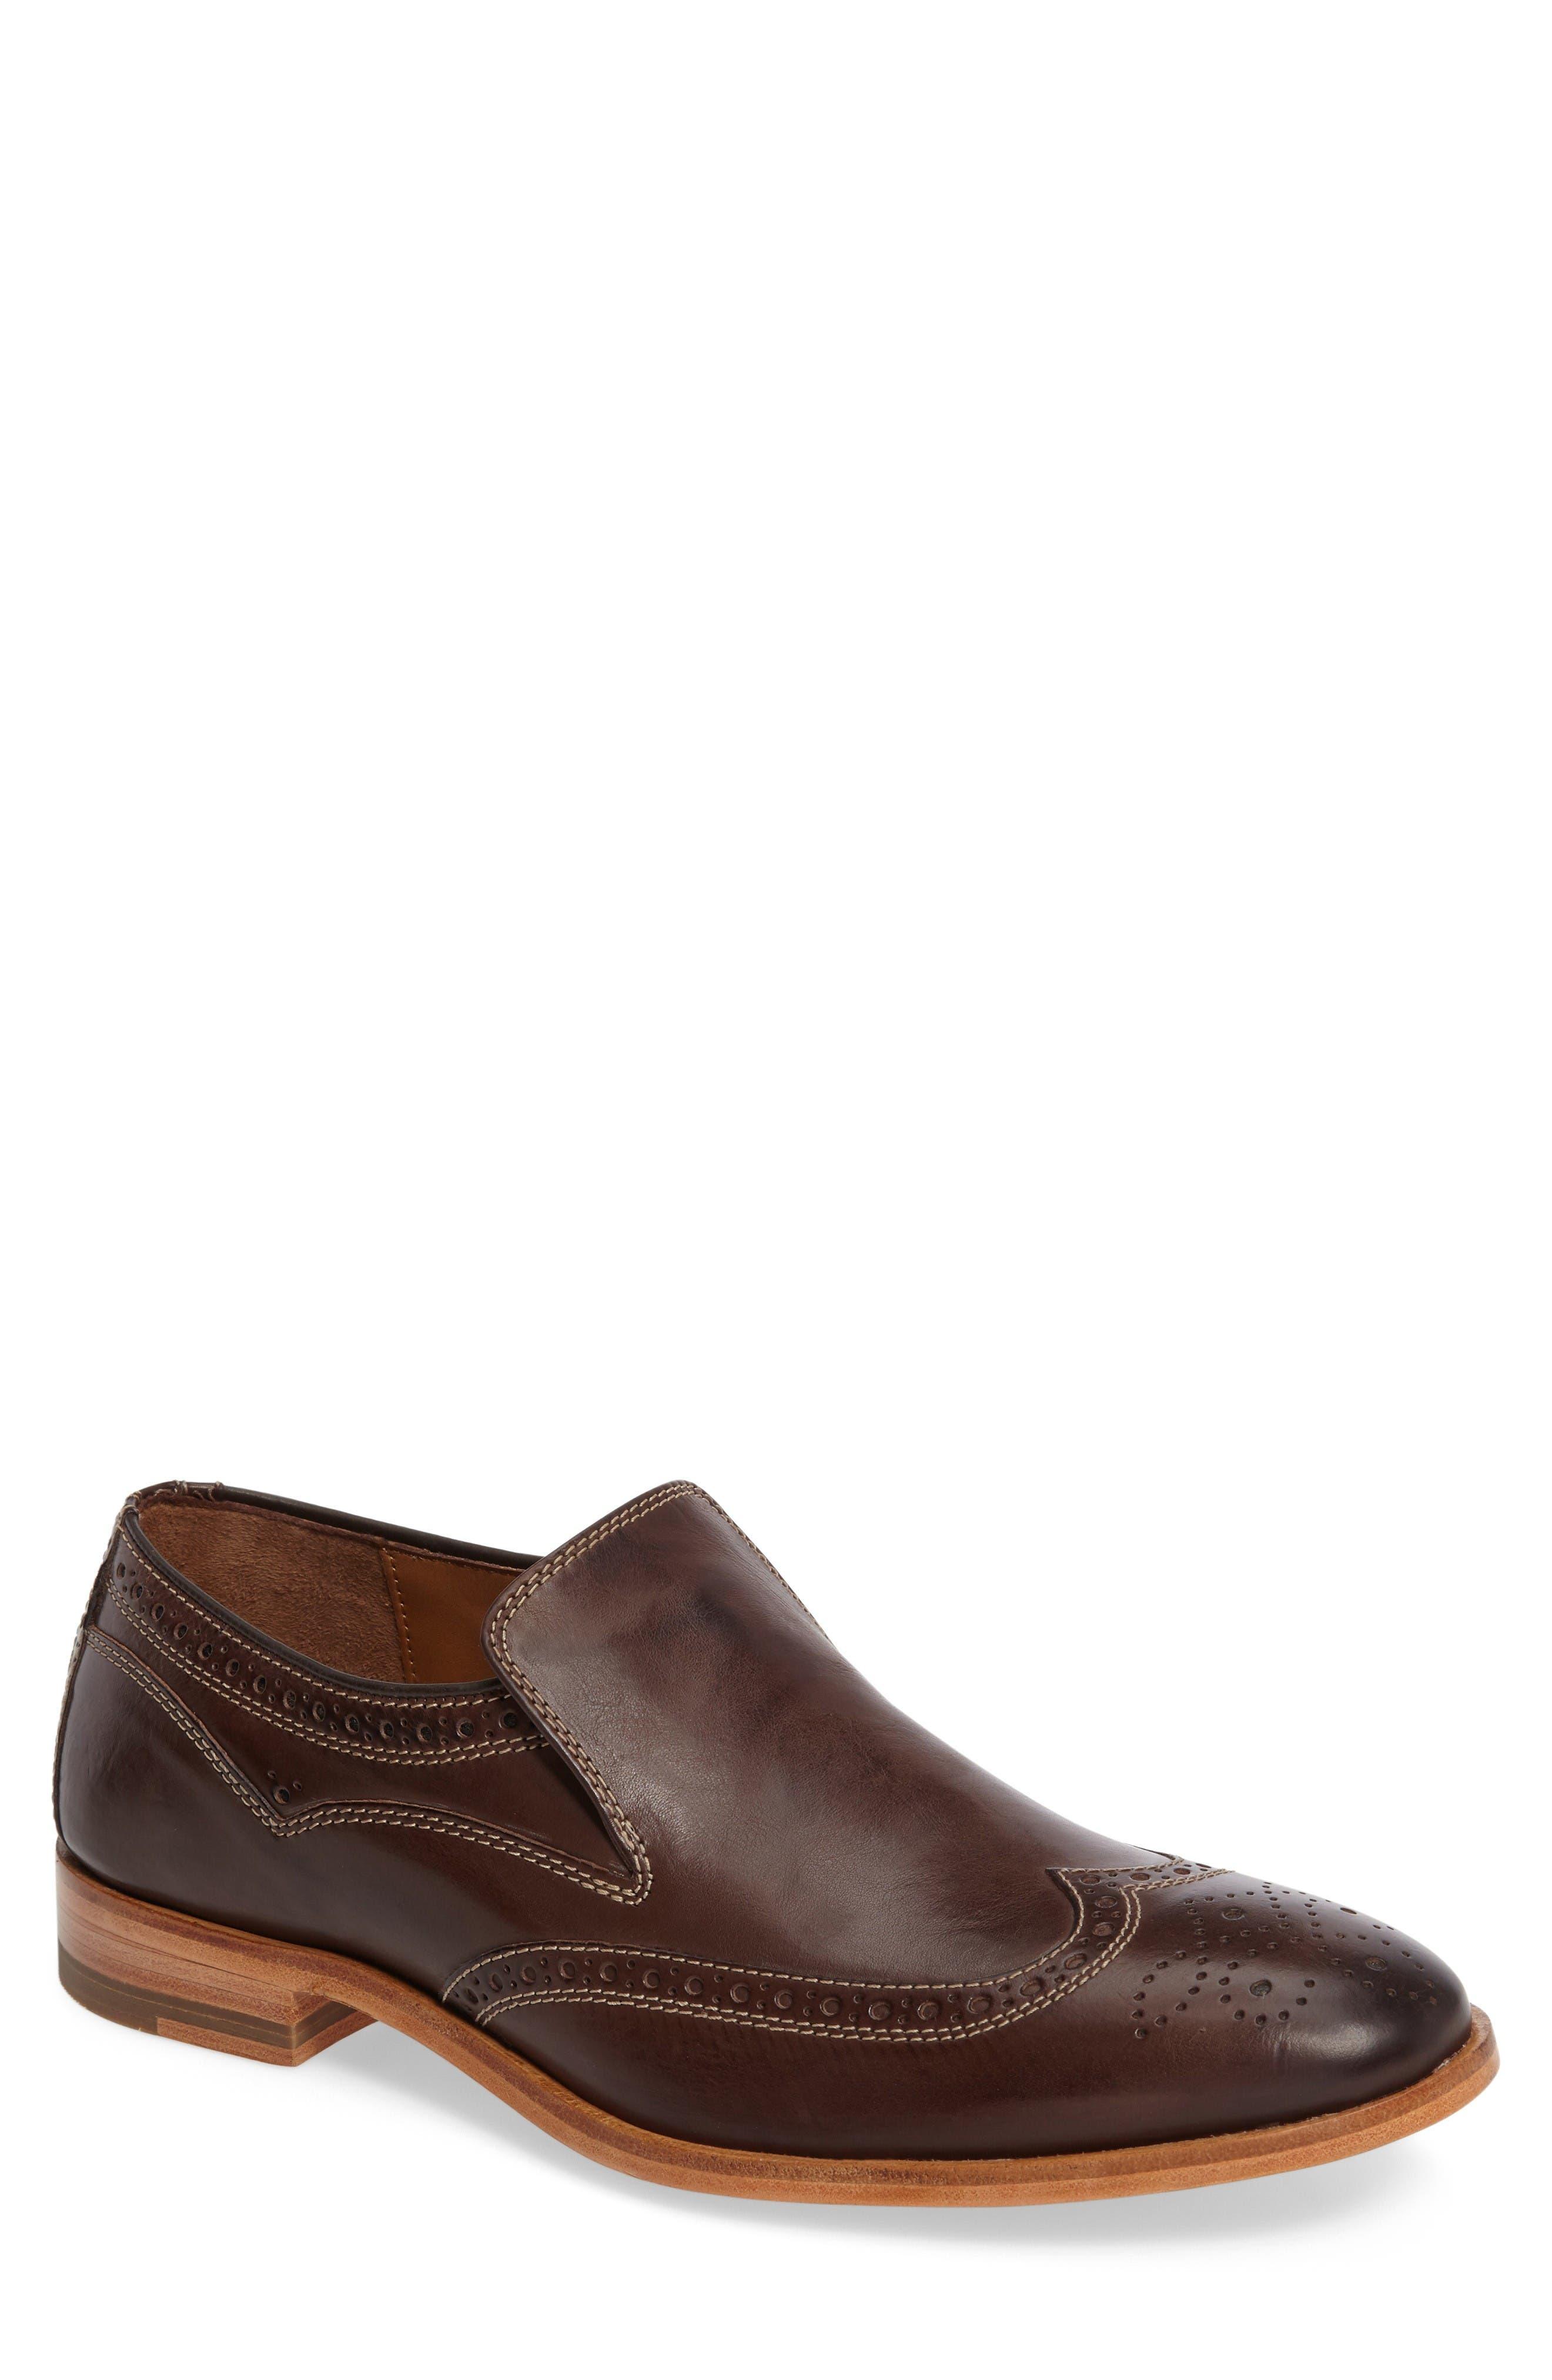 Graham Wingtip Loafer,                         Main,                         color, Dark Brown Calfskin Leather